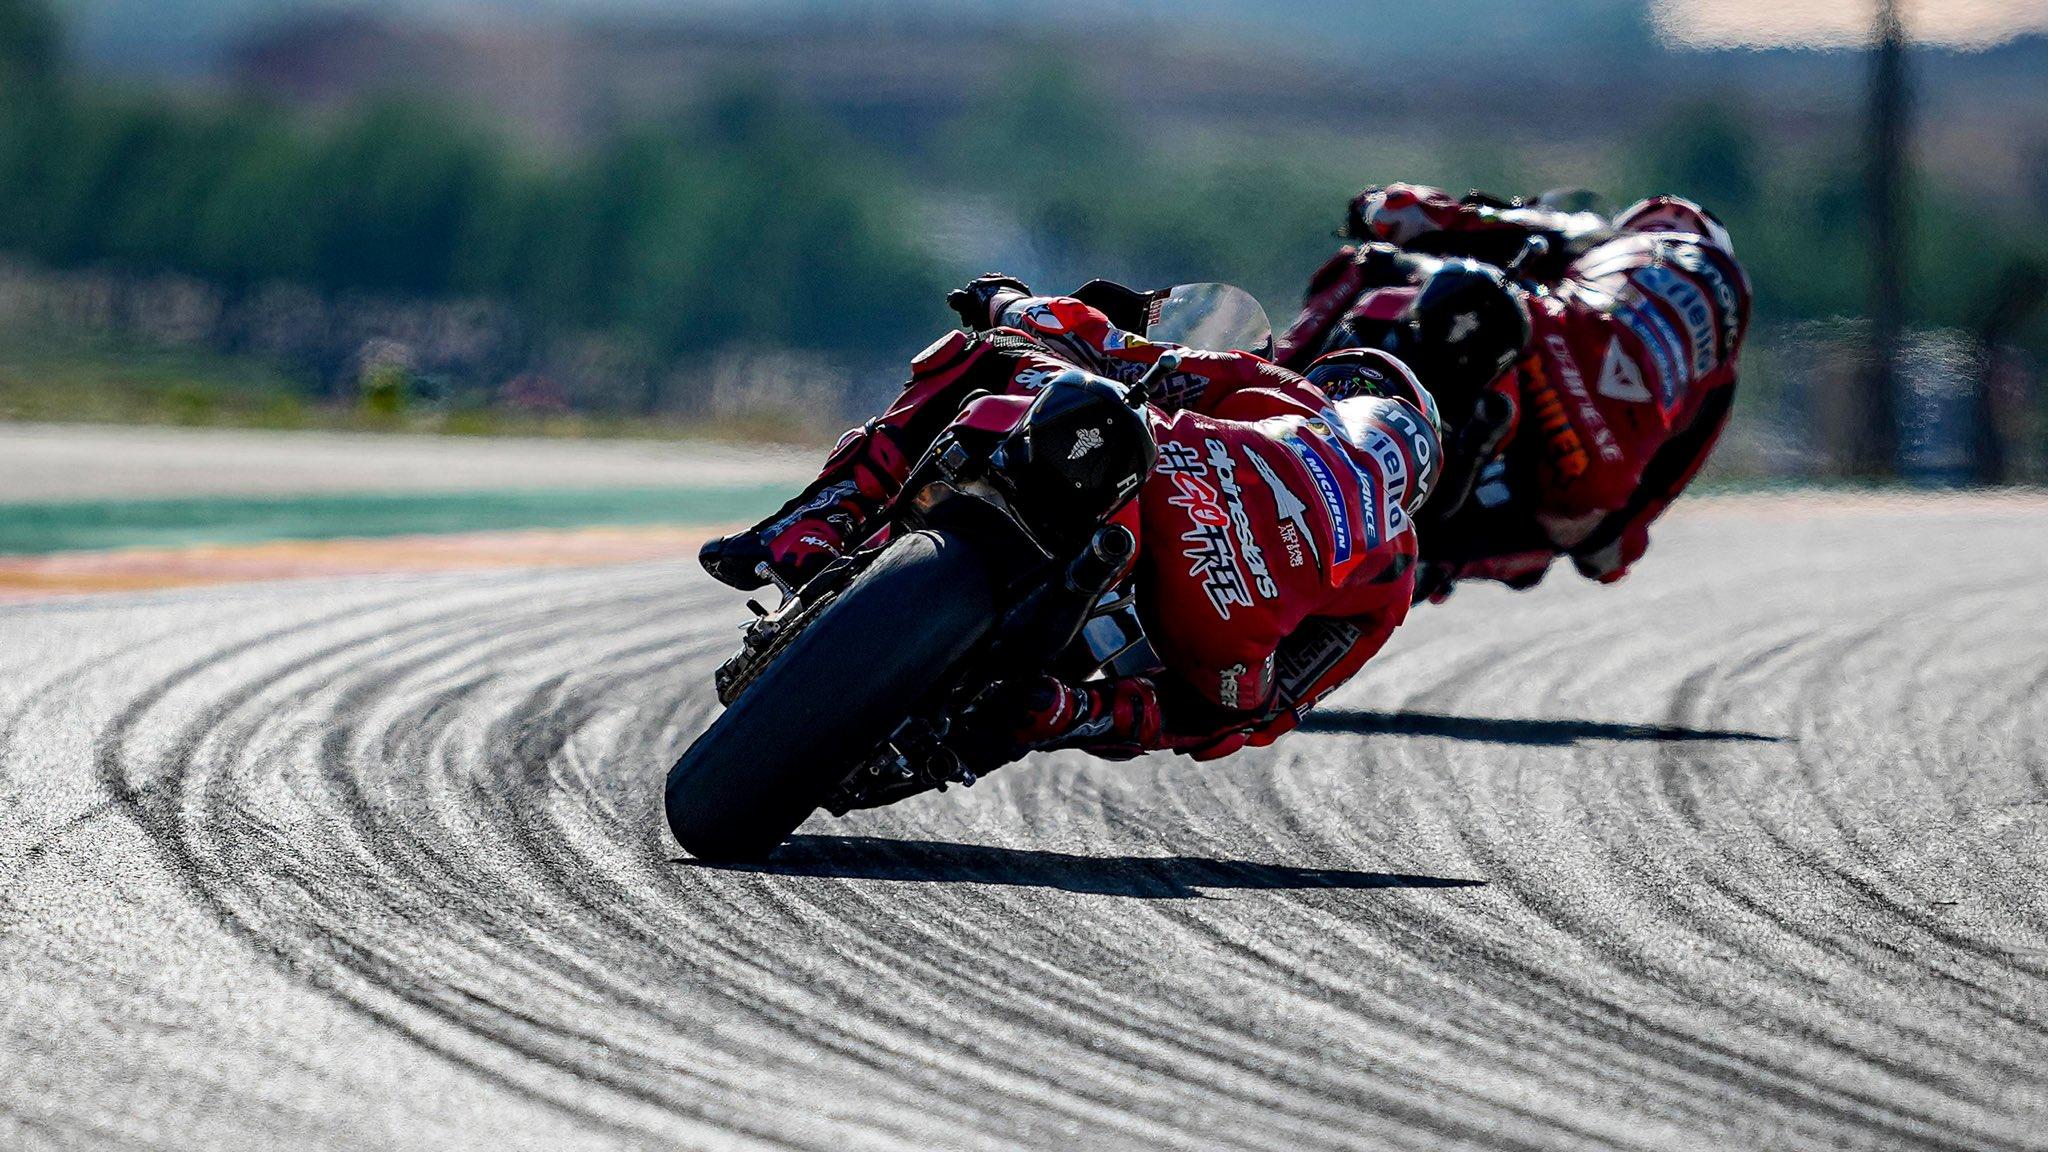 Qualifiche di Aragon: Bagnaia in Pole Position, doppietta Ducati.